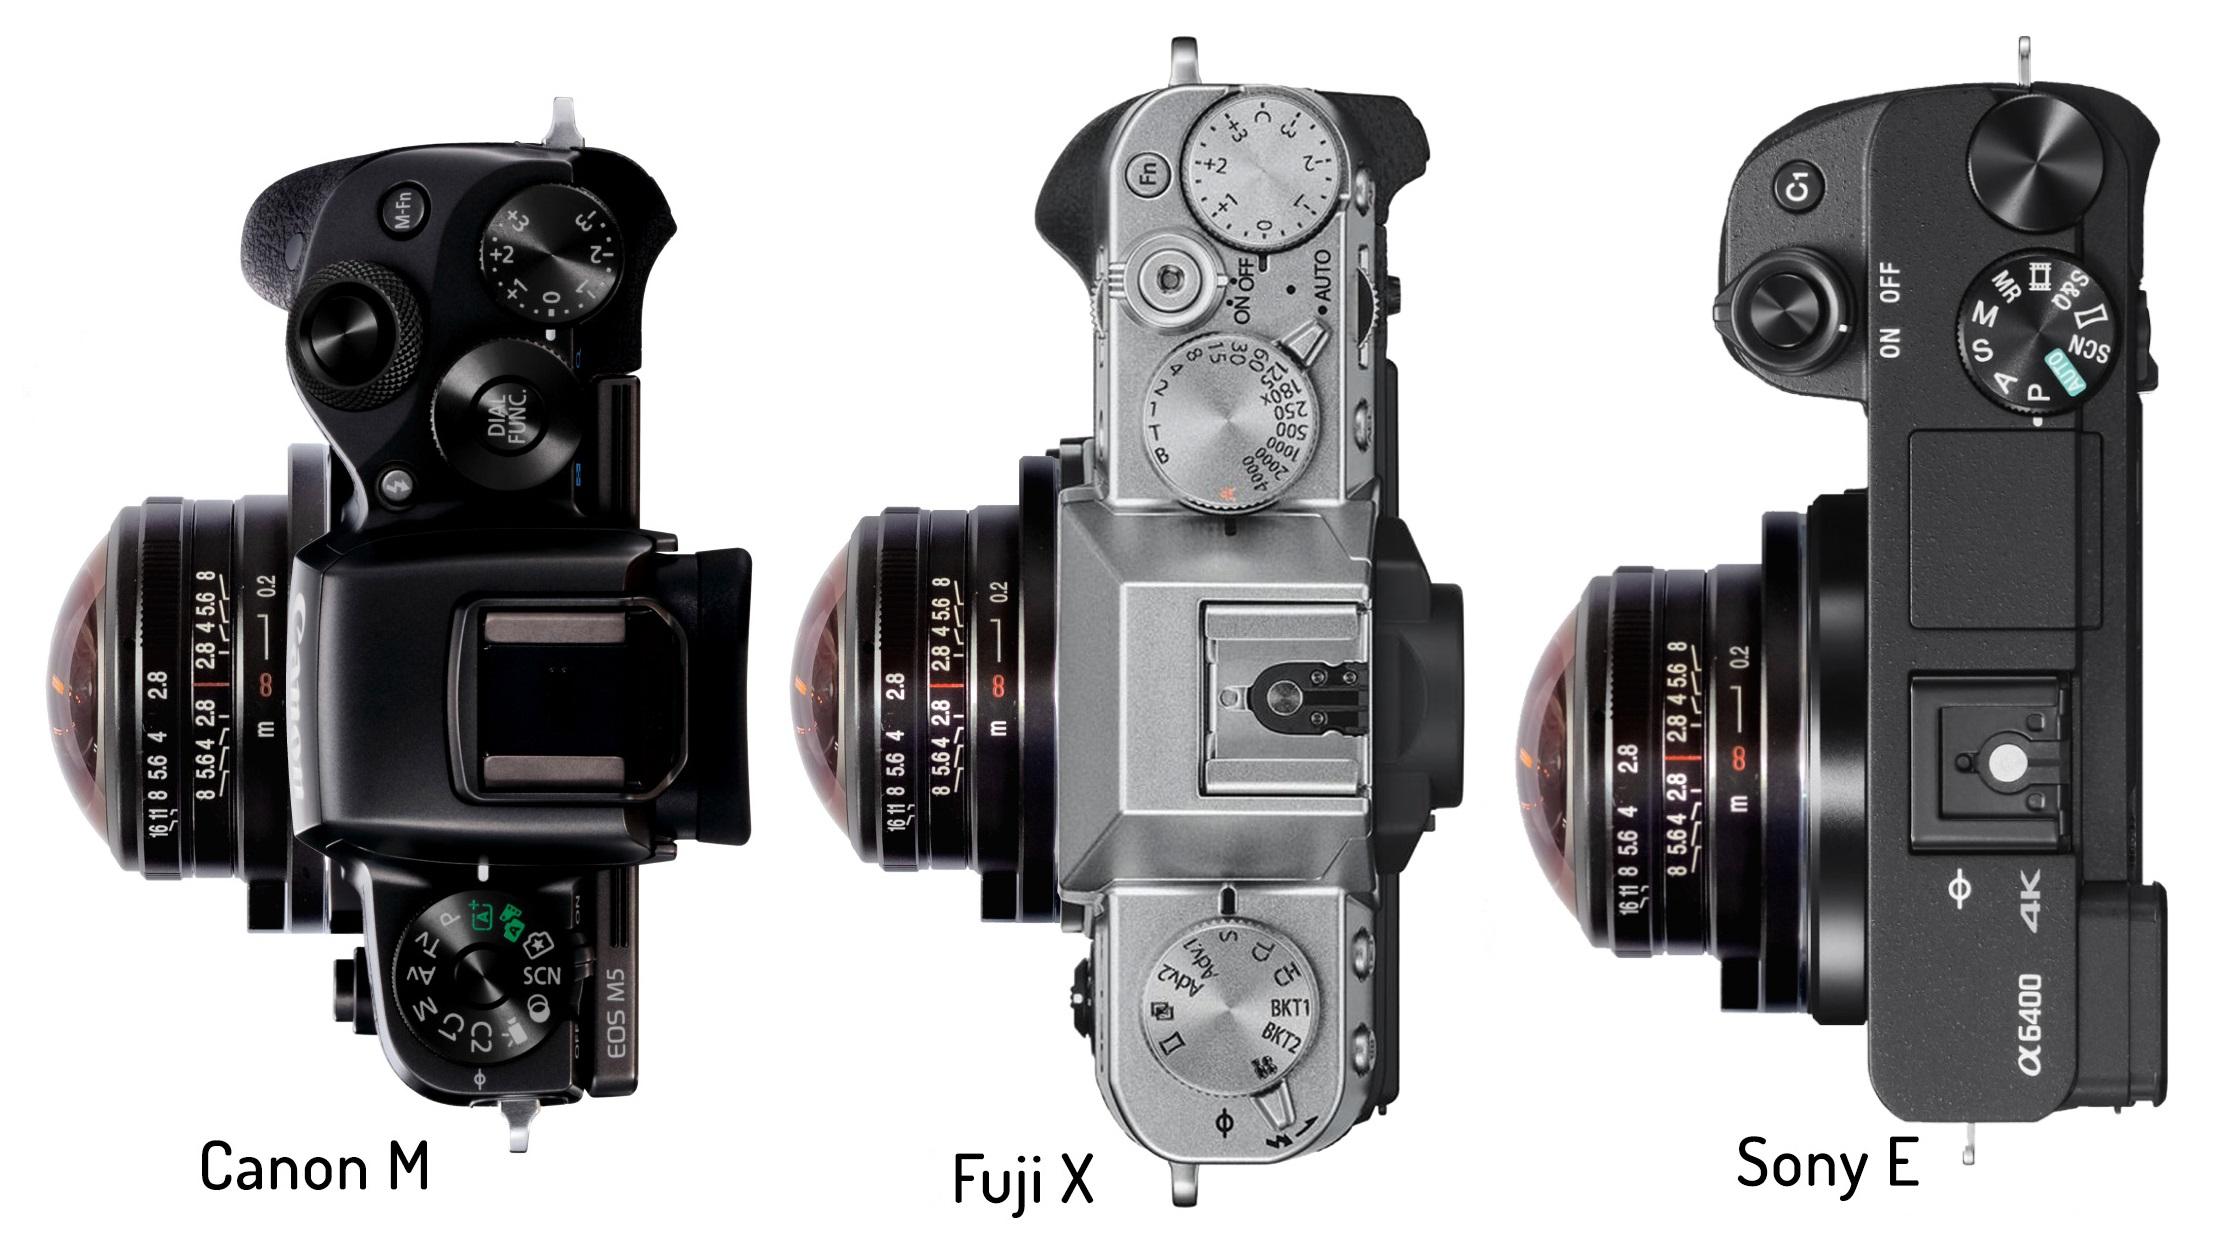 Lente ojo de pez Laowa 4 mm f/2.8 ahora disponible para montura EF-M, X y E